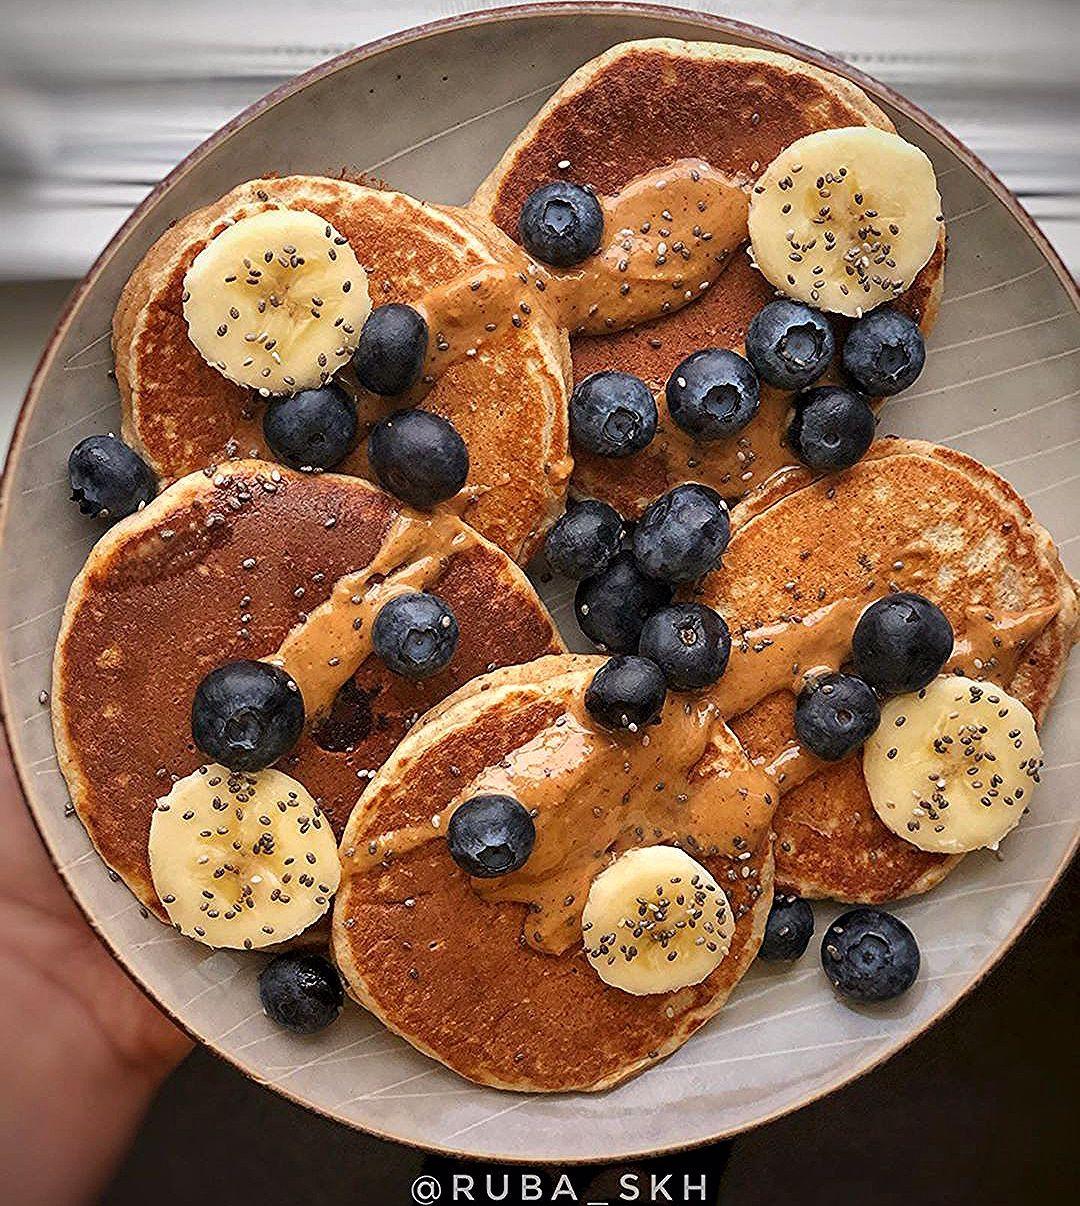 صباح الخير بتوقيتنا بانكيك بالدقيق الاسمر لذيذ وسهل نص كوب دقيق سكوب بروتين باودر نص م ص بيكنج باودر رش Food Healthy Breakfast Breakfast